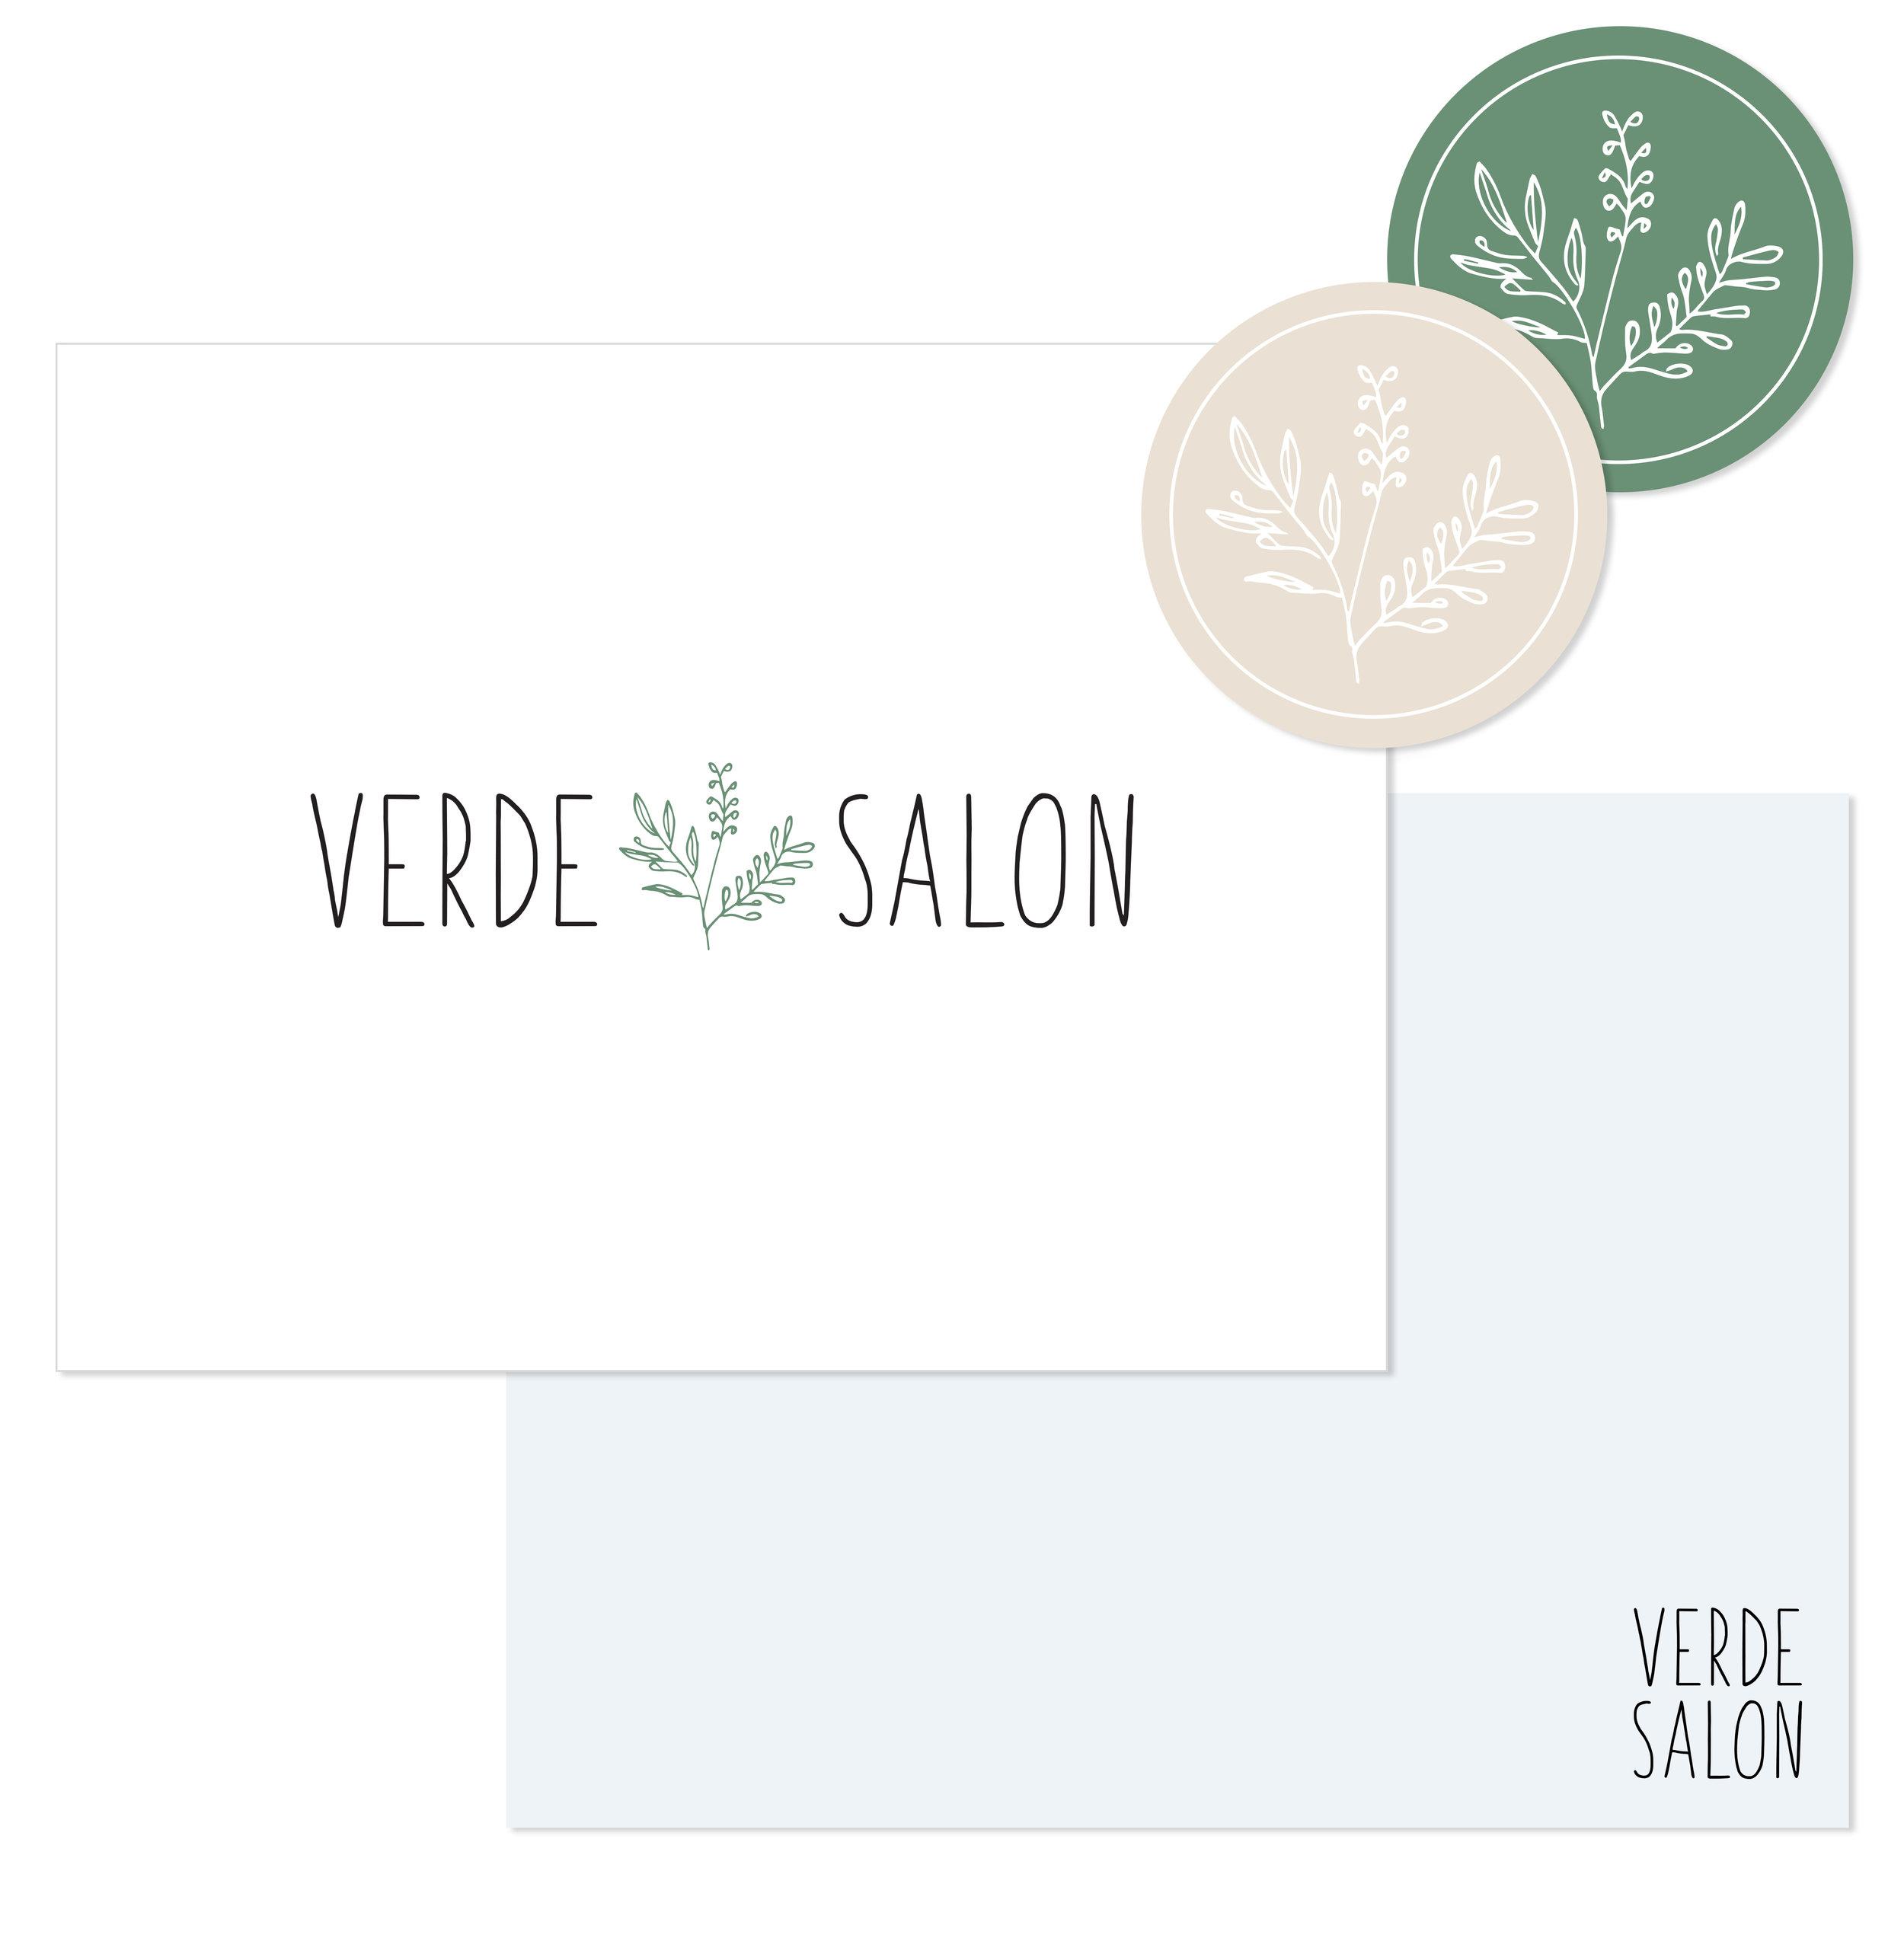 Verde_card.jpg